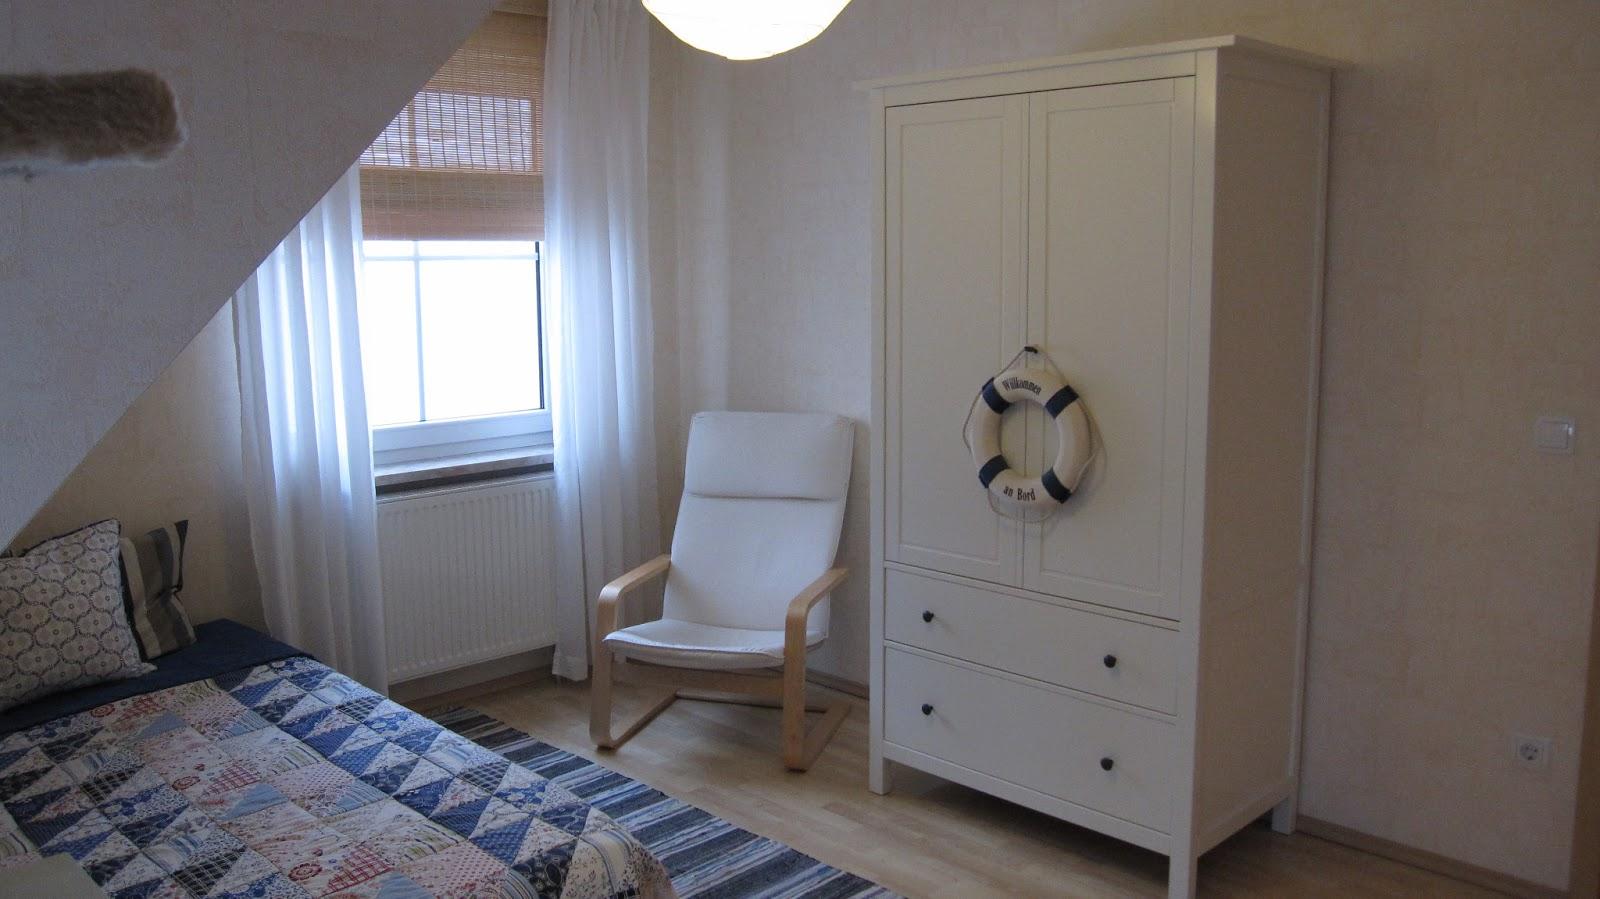 ikea schrank zusammenstellen. Black Bedroom Furniture Sets. Home Design Ideas